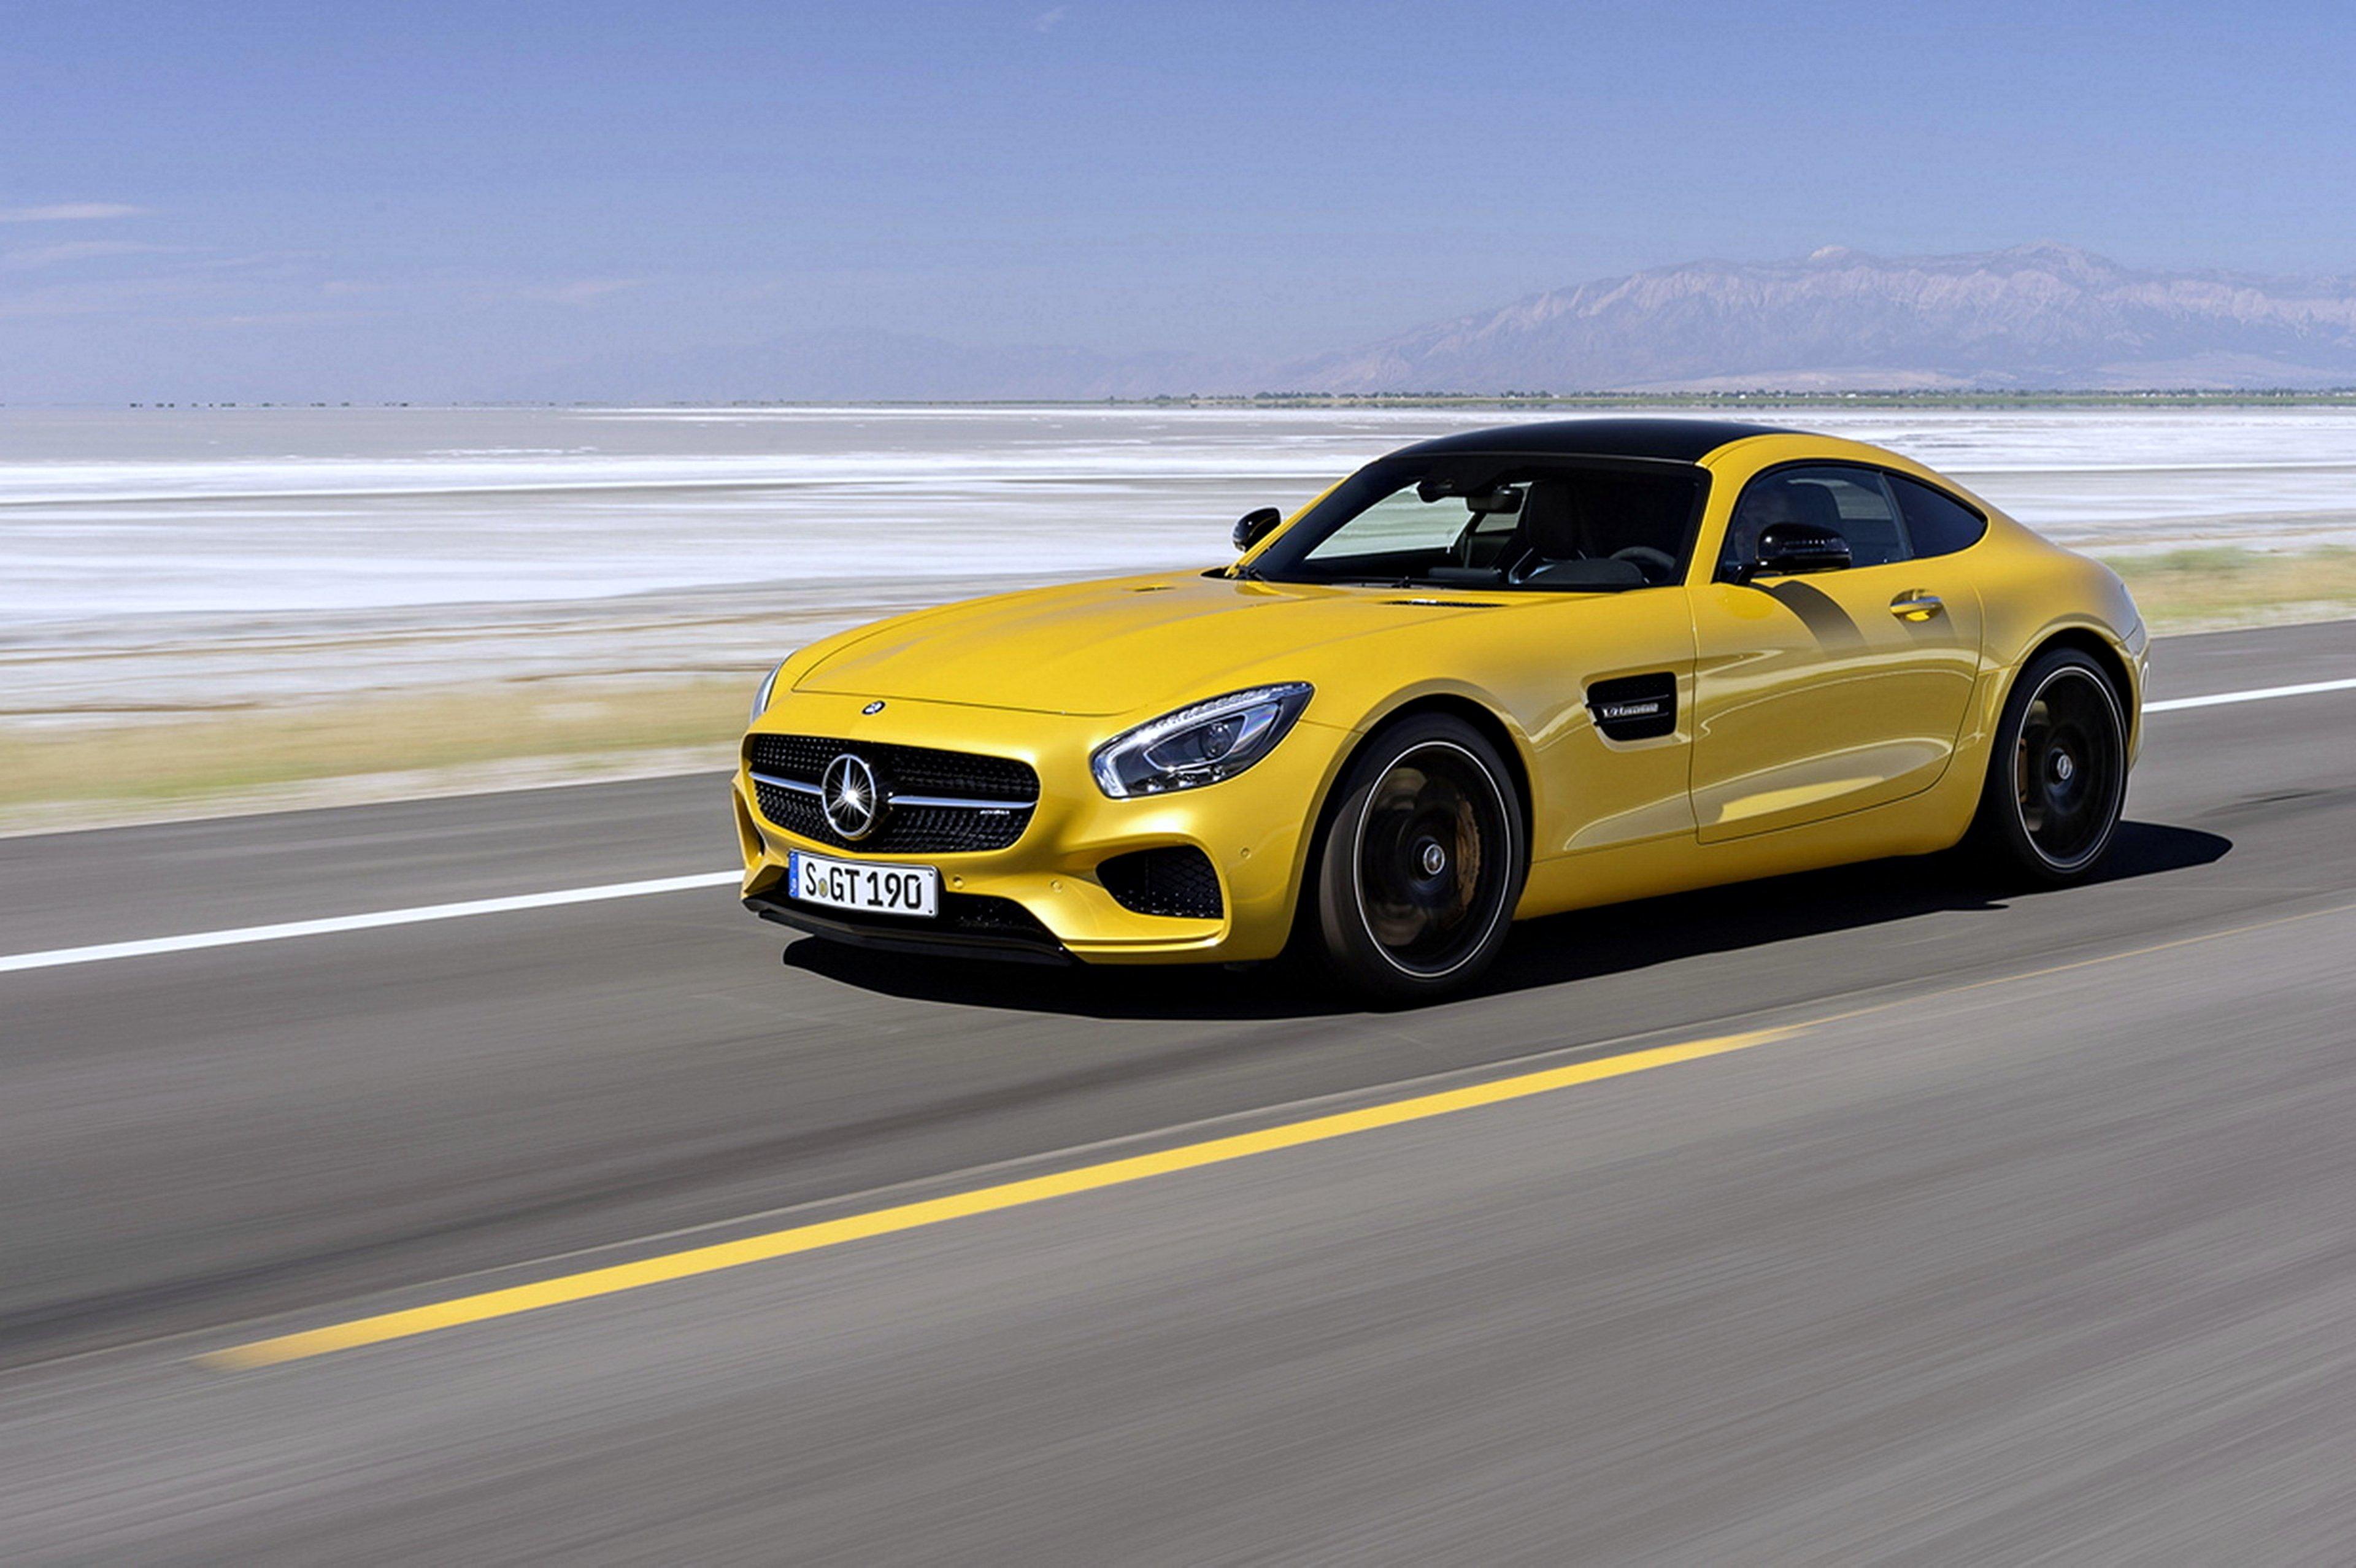 Mersedes Avto Avto Doroga Yellow Supercars Cars Road Speed Motors